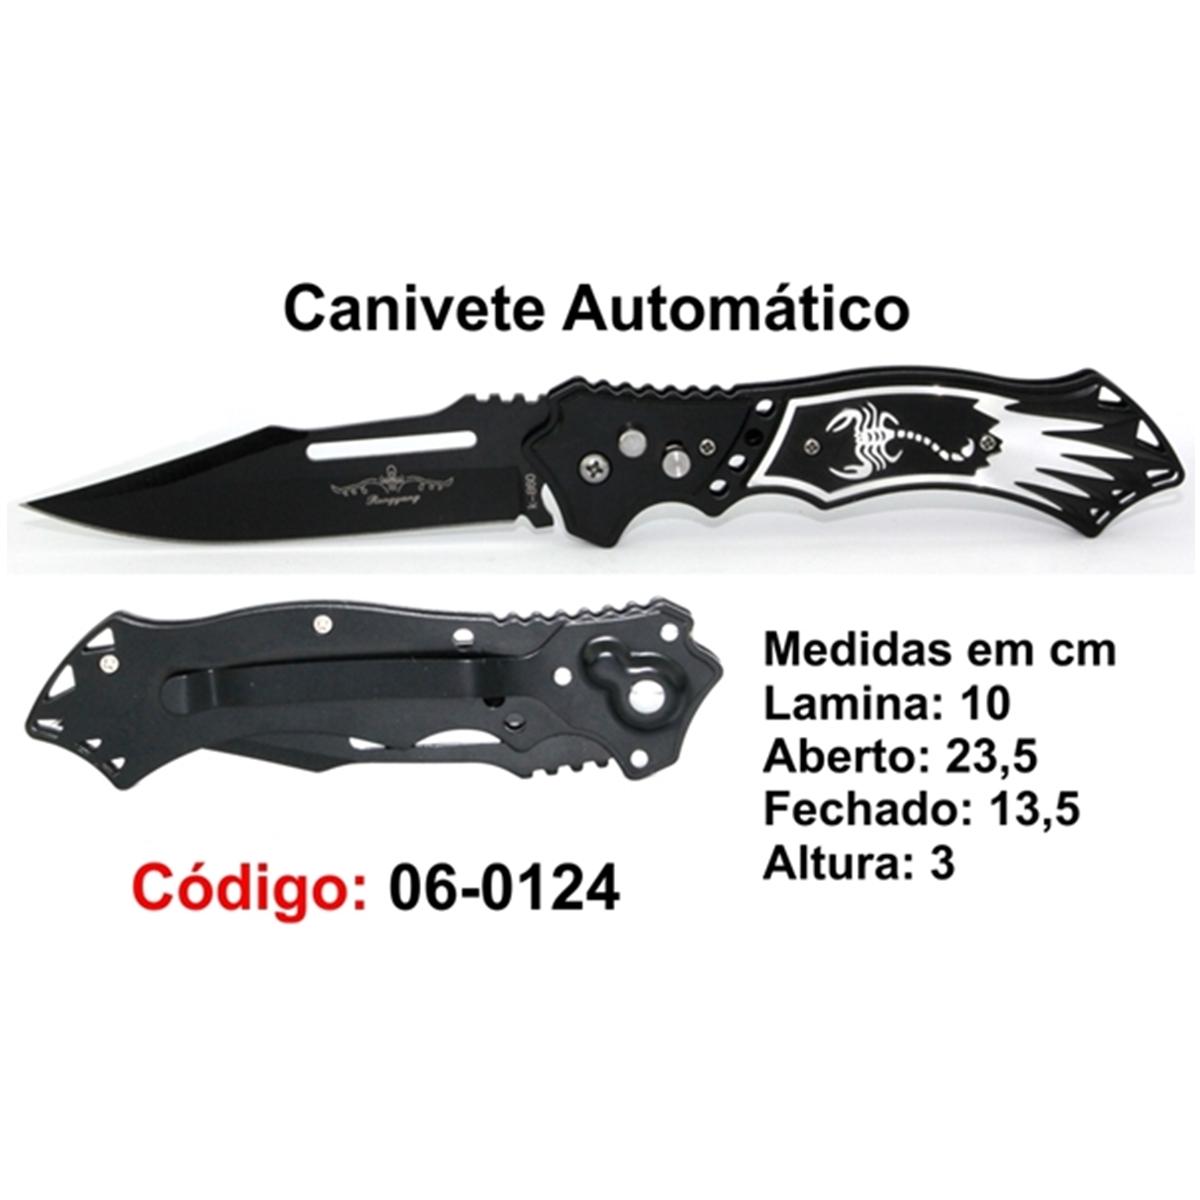 Canivete Esportivo Automático Caça Pesca Etc. 06-0124